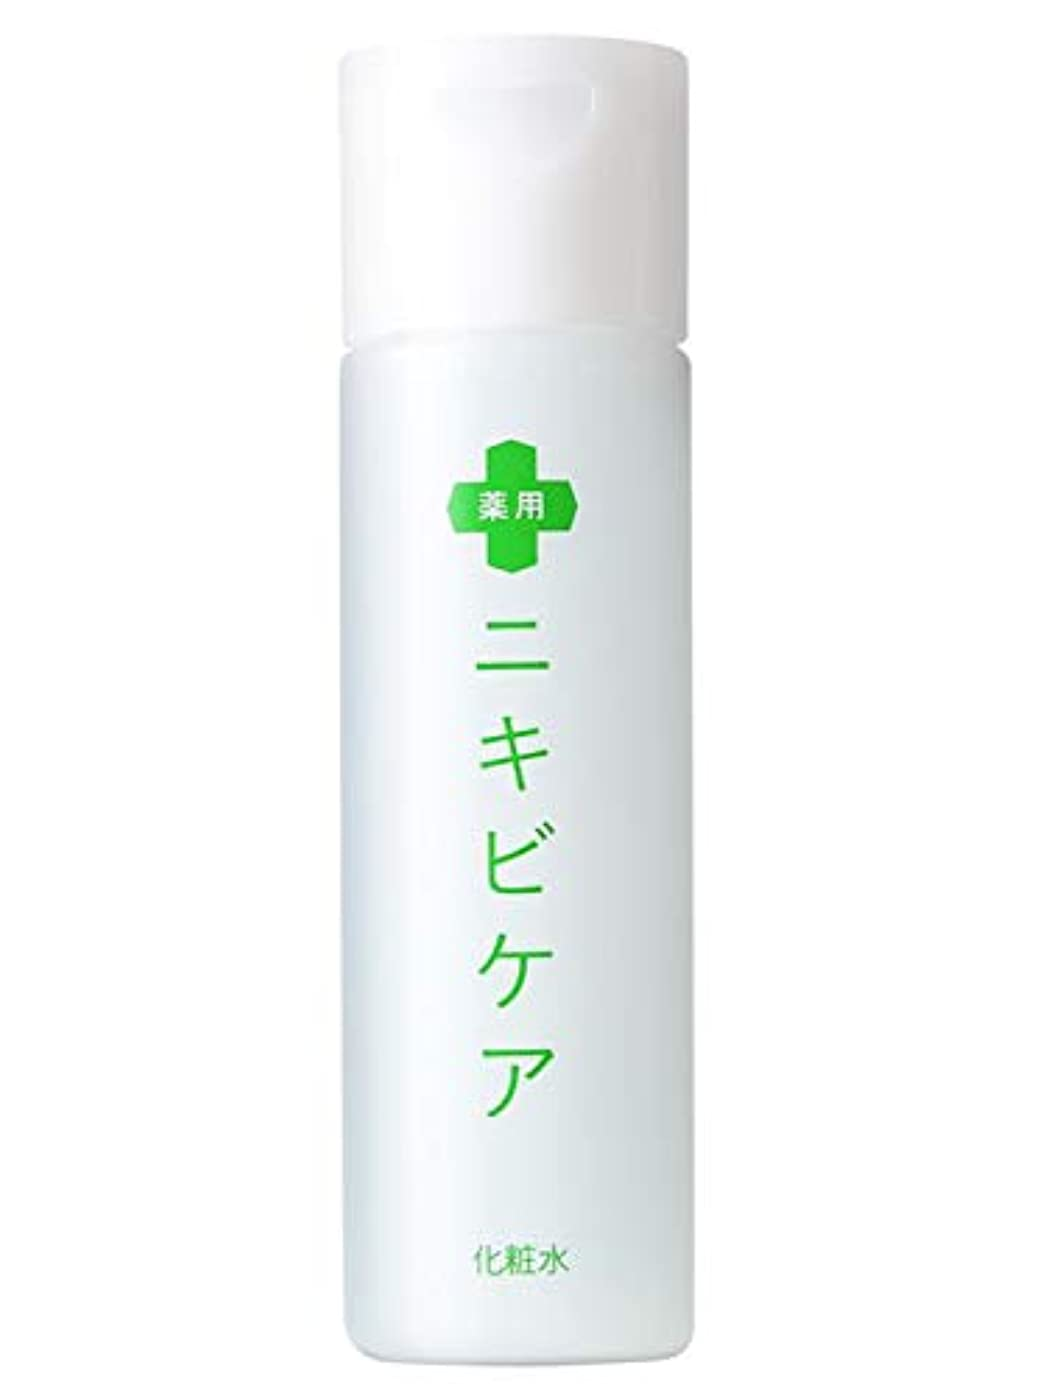 こだわりレクリエーション繁殖医薬部外品 薬用 ニキビケア 化粧水 大人ニキビ 予防「 あご おでこ 鼻 ニキビ アクネ 対策」「 肌をひきしめサラサラに 」「 コラーゲン プラセンタ 配合 」 メンズ & レディース 120ml